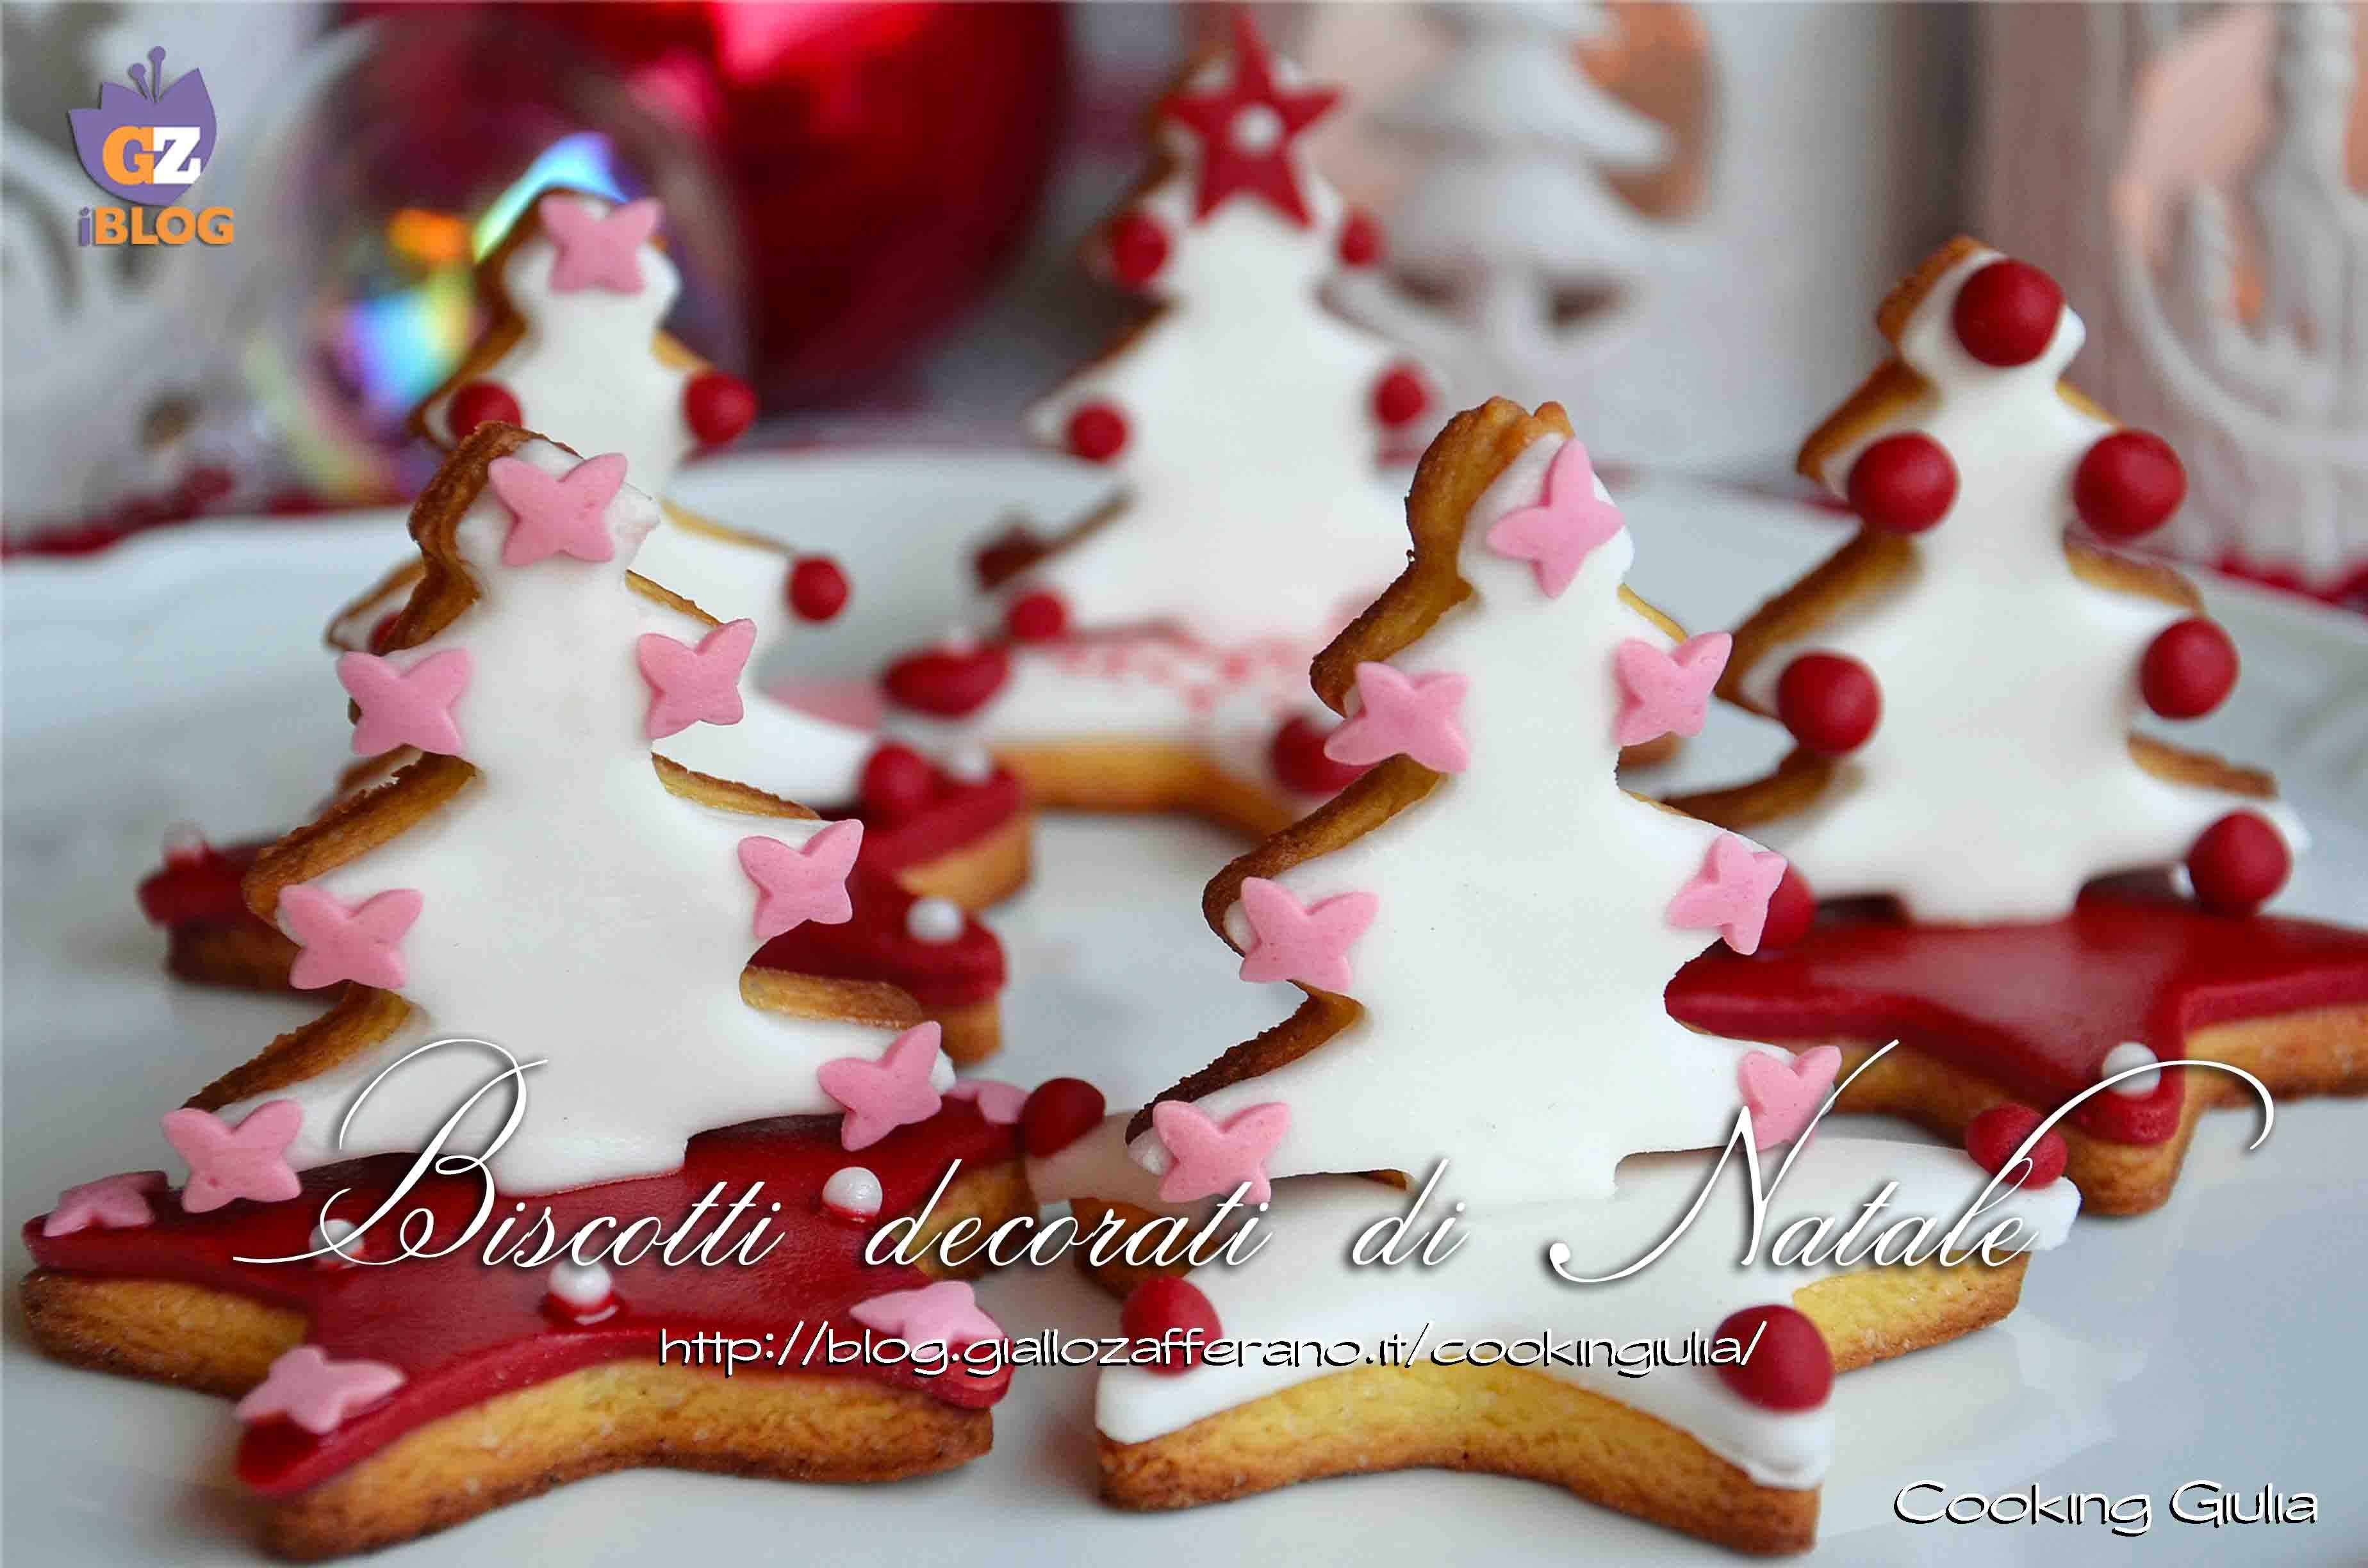 Biscotti Finti Per Albero Di Natale.Biscotti Decorati Di Natale Pasta Di Zucchero Segnaposto Natalizi Winter Cake Biscotti Di Natale Biscotti Decorati